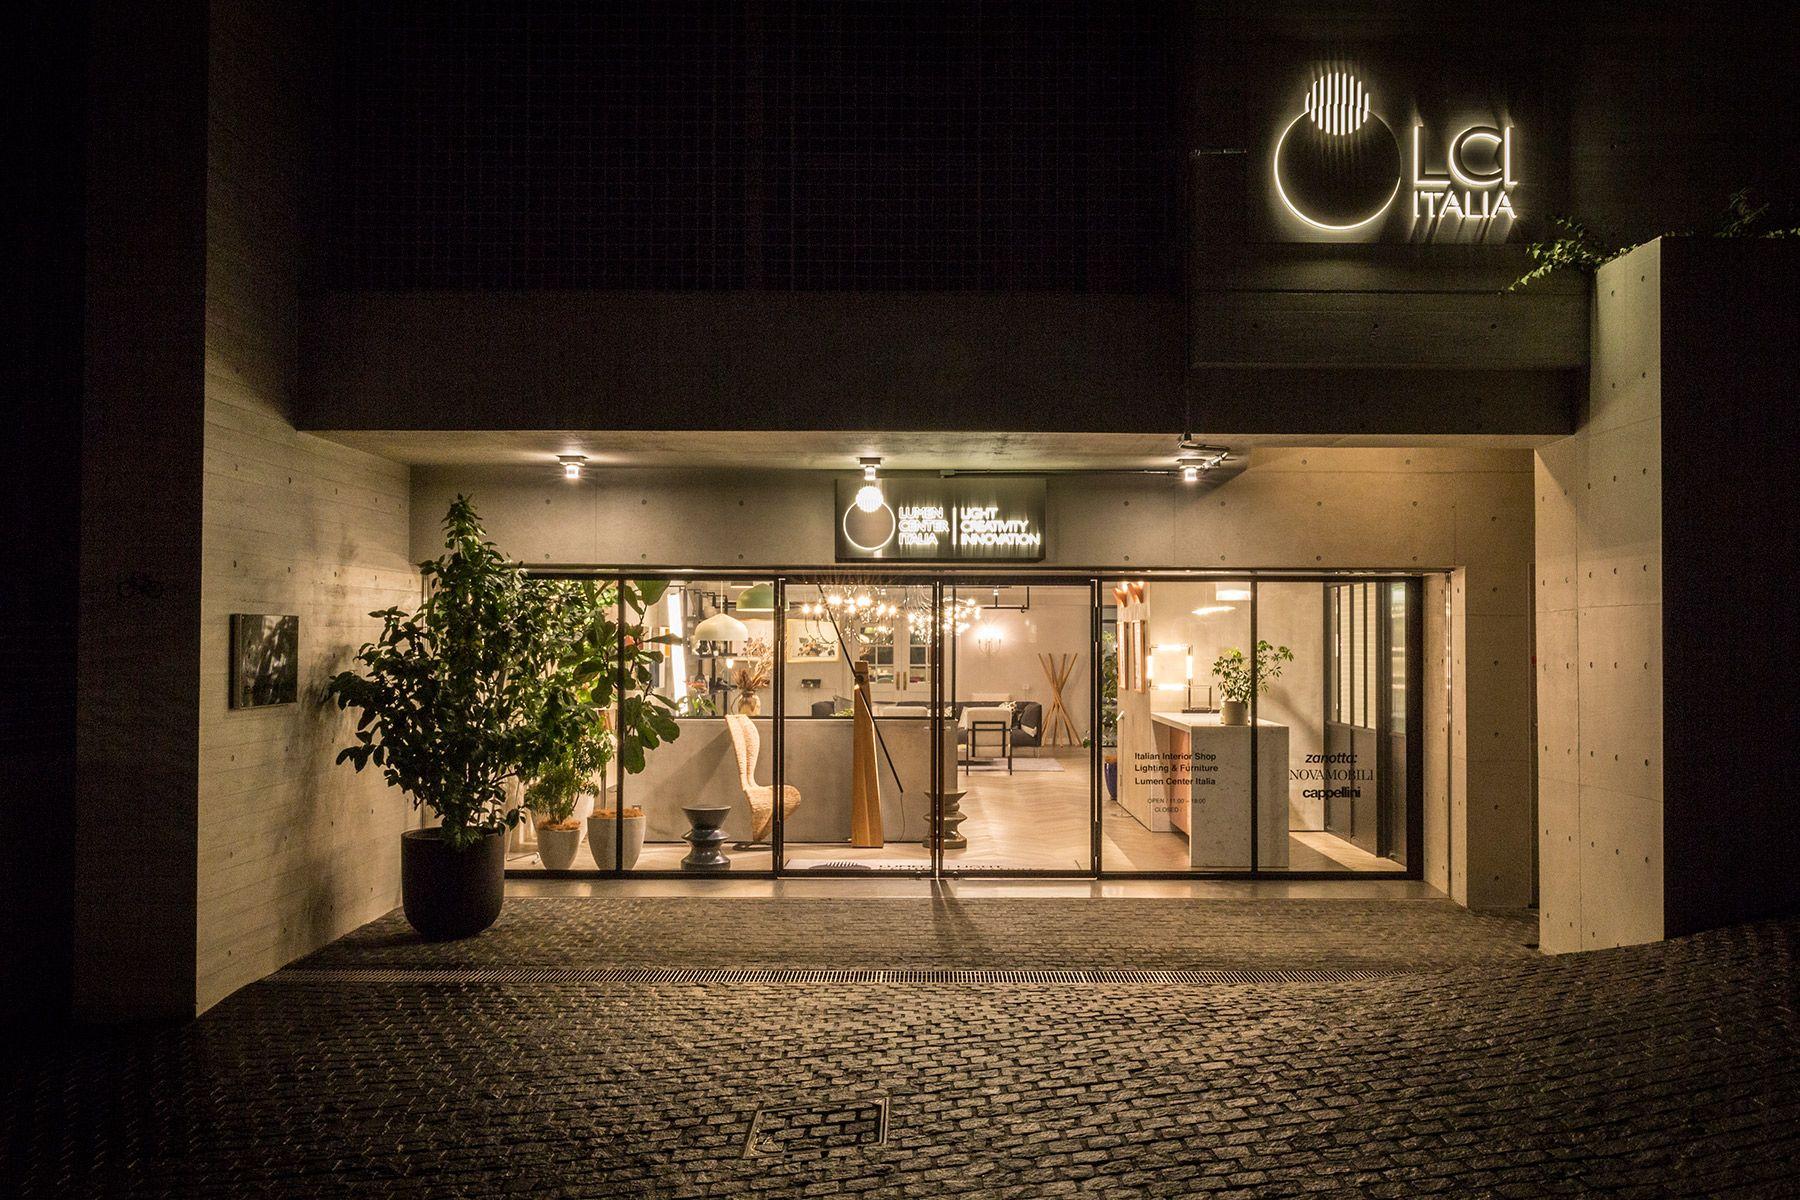 LCI JAPAN STUDIO/青葉台 照明器具ショールーム外観1 駐車スペースあり